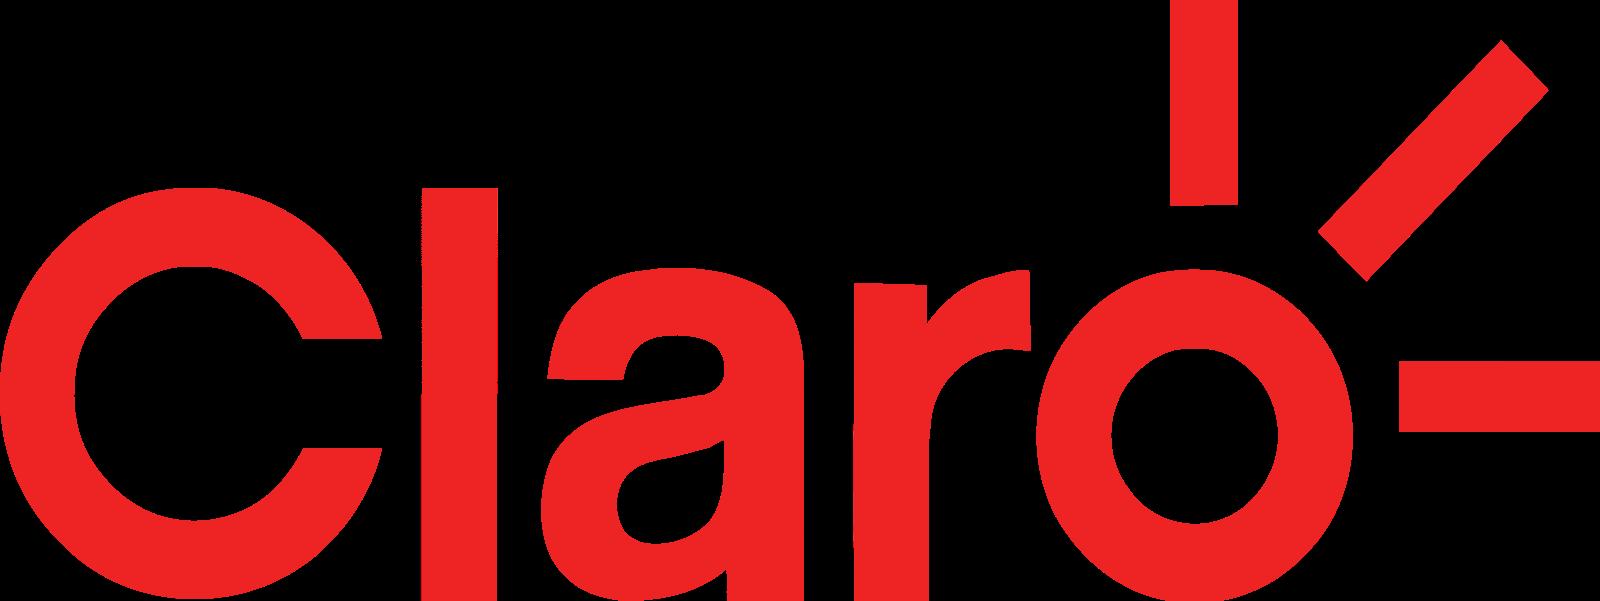 claro logo 1 1 - Claro Logo